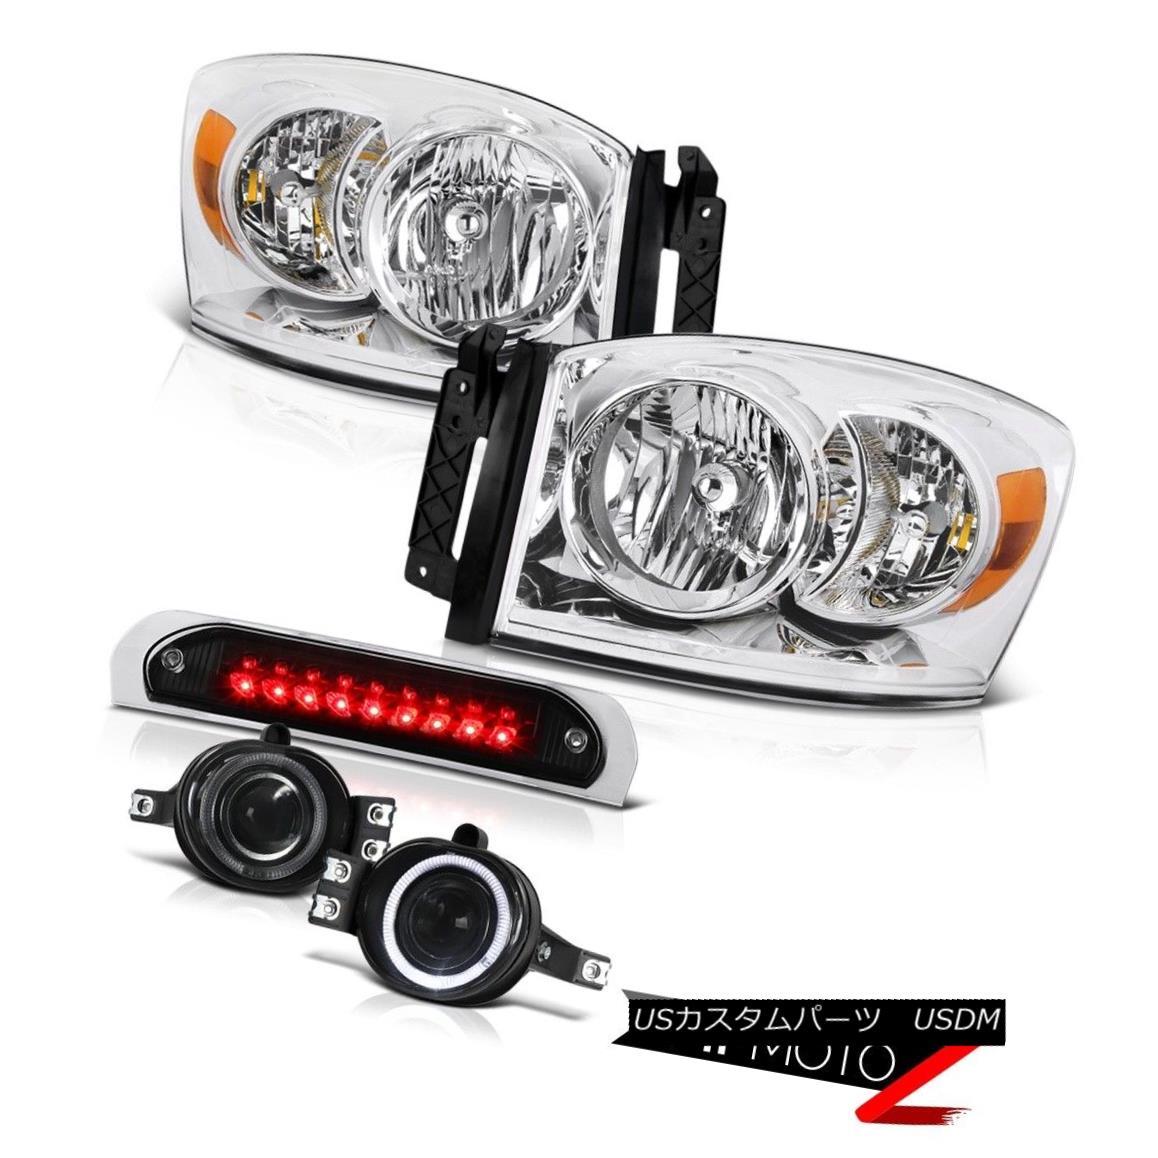 テールライト Chrome Headlight Projector Fog Lights High Stop LED Black 07 2008 Dodge Ram 1500 クロームヘッドライトプロジェクターフォグライトハイストップLEDブラック07 2008ドッジラム1500